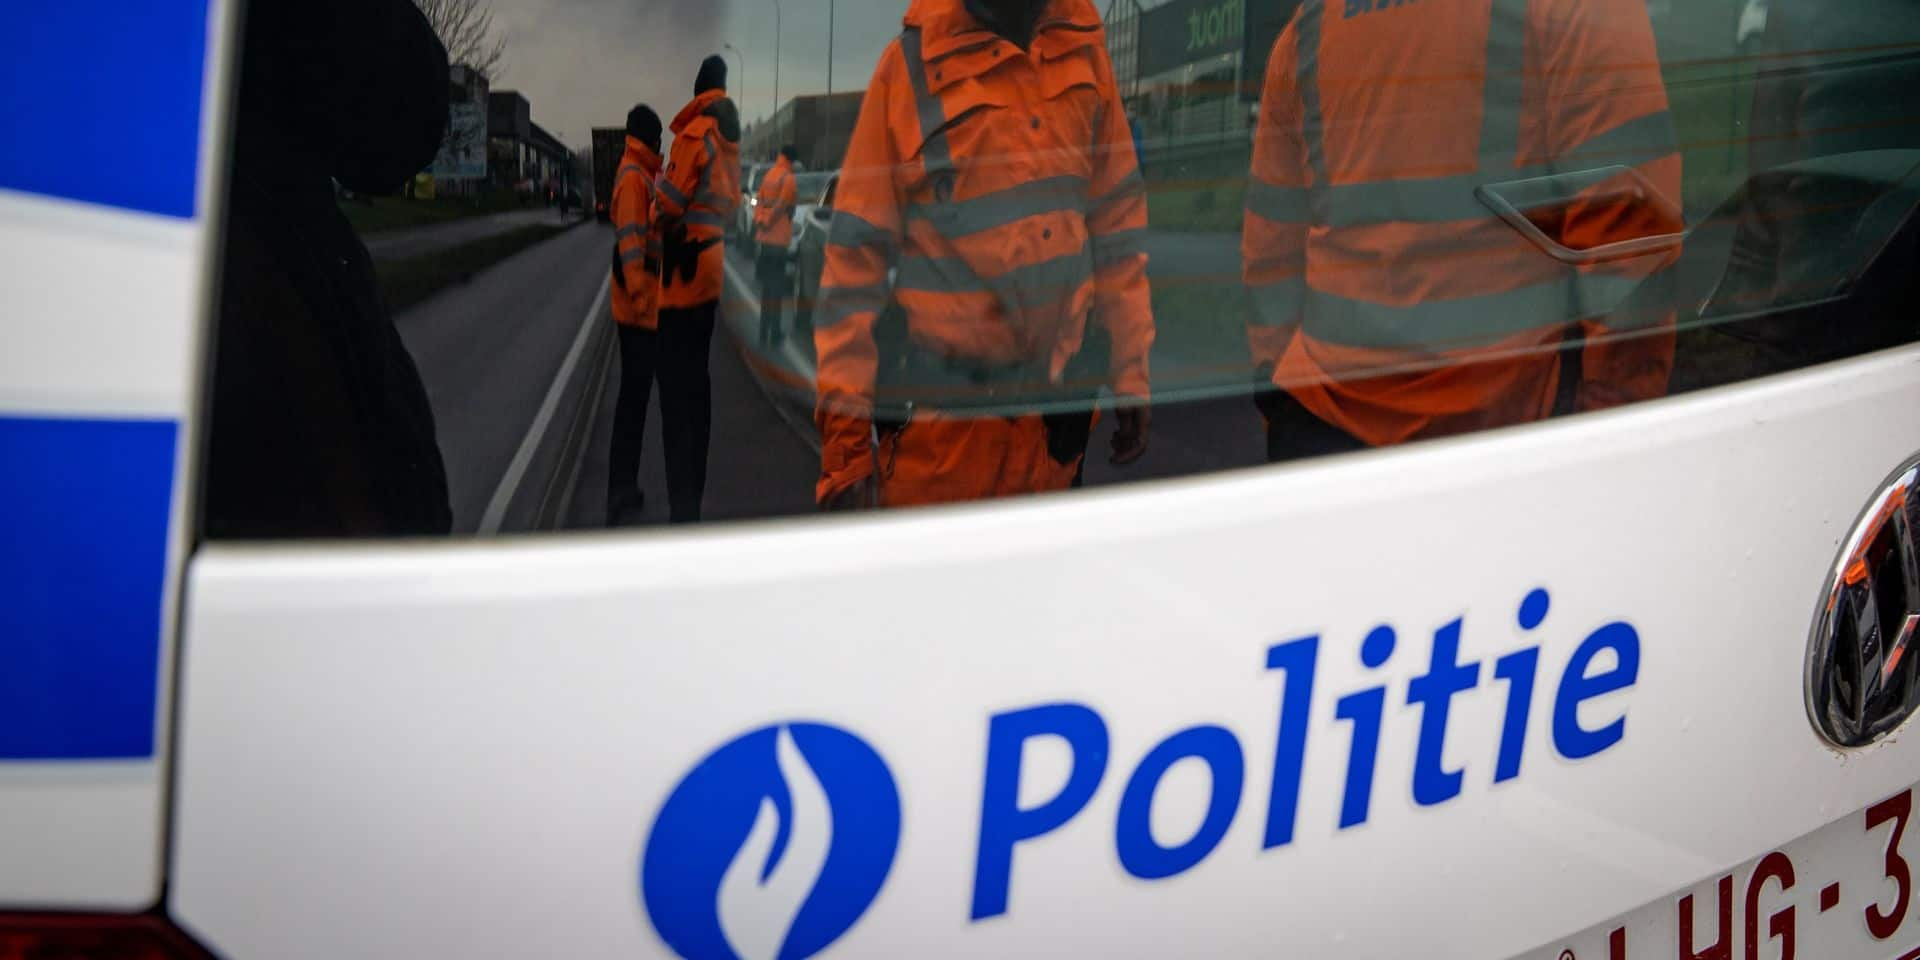 Une femme grièvement blessée dans un accident à Riemst, l'autre conducteur a fui